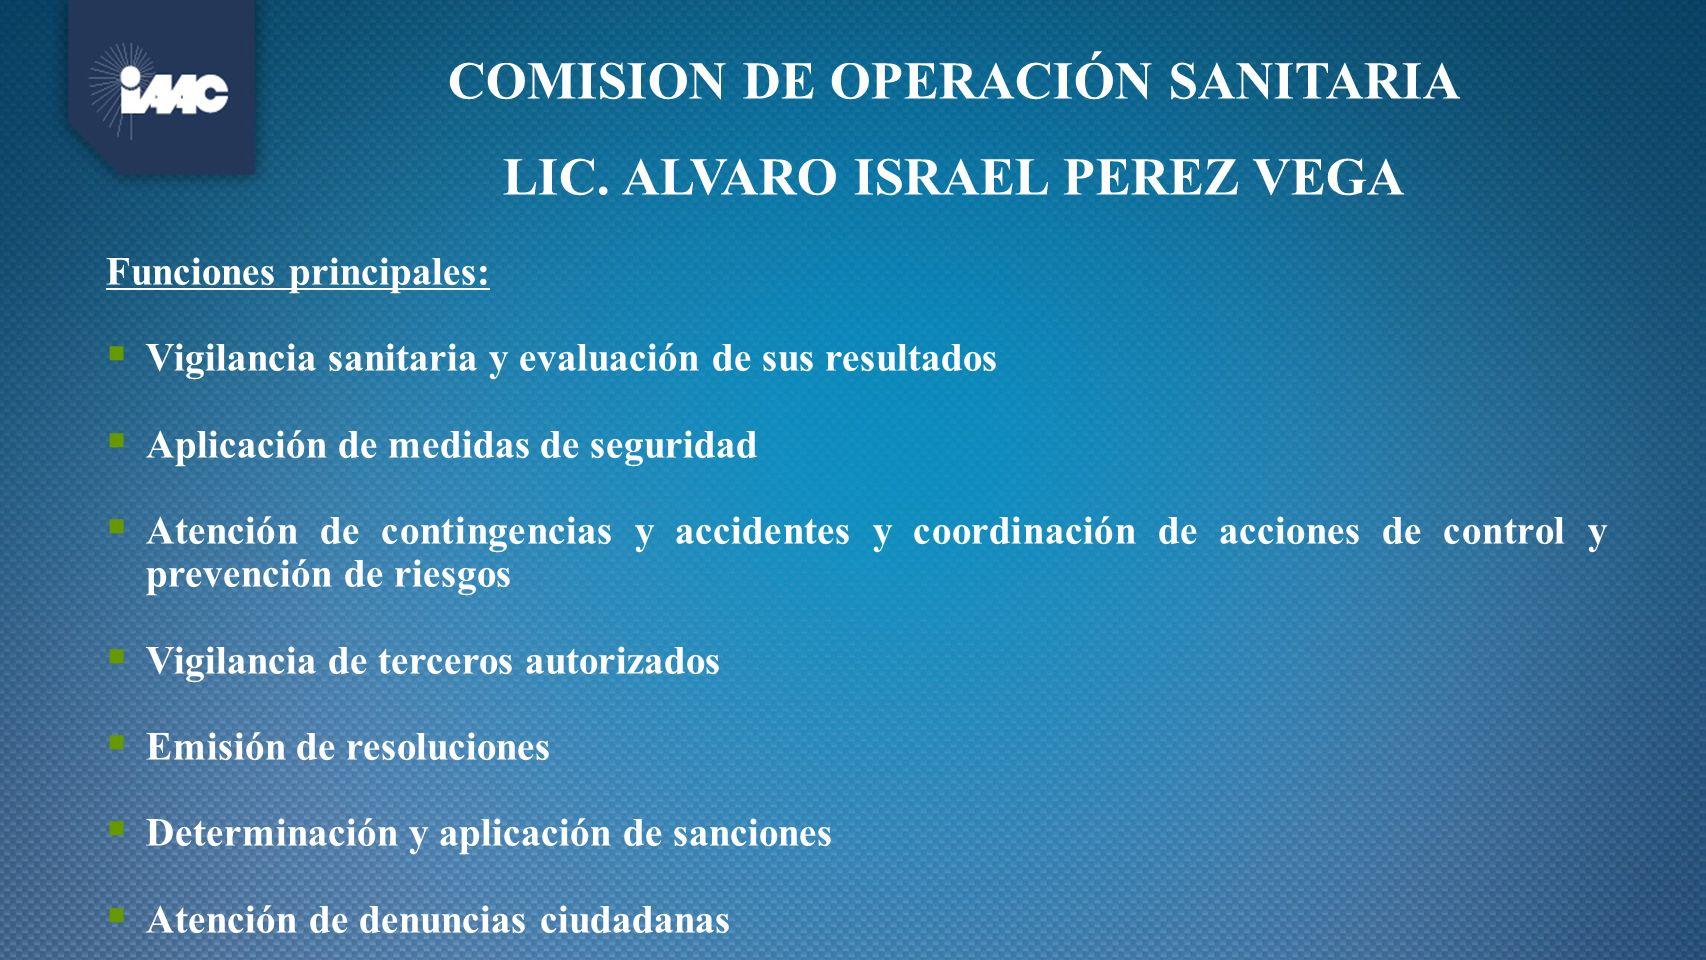 COMISION DE OPERACIÓN SANITARIA LIC. ALVARO ISRAEL PEREZ VEGA Funciones principales: Vigilancia sanitaria y evaluación de sus resultados Aplicación de